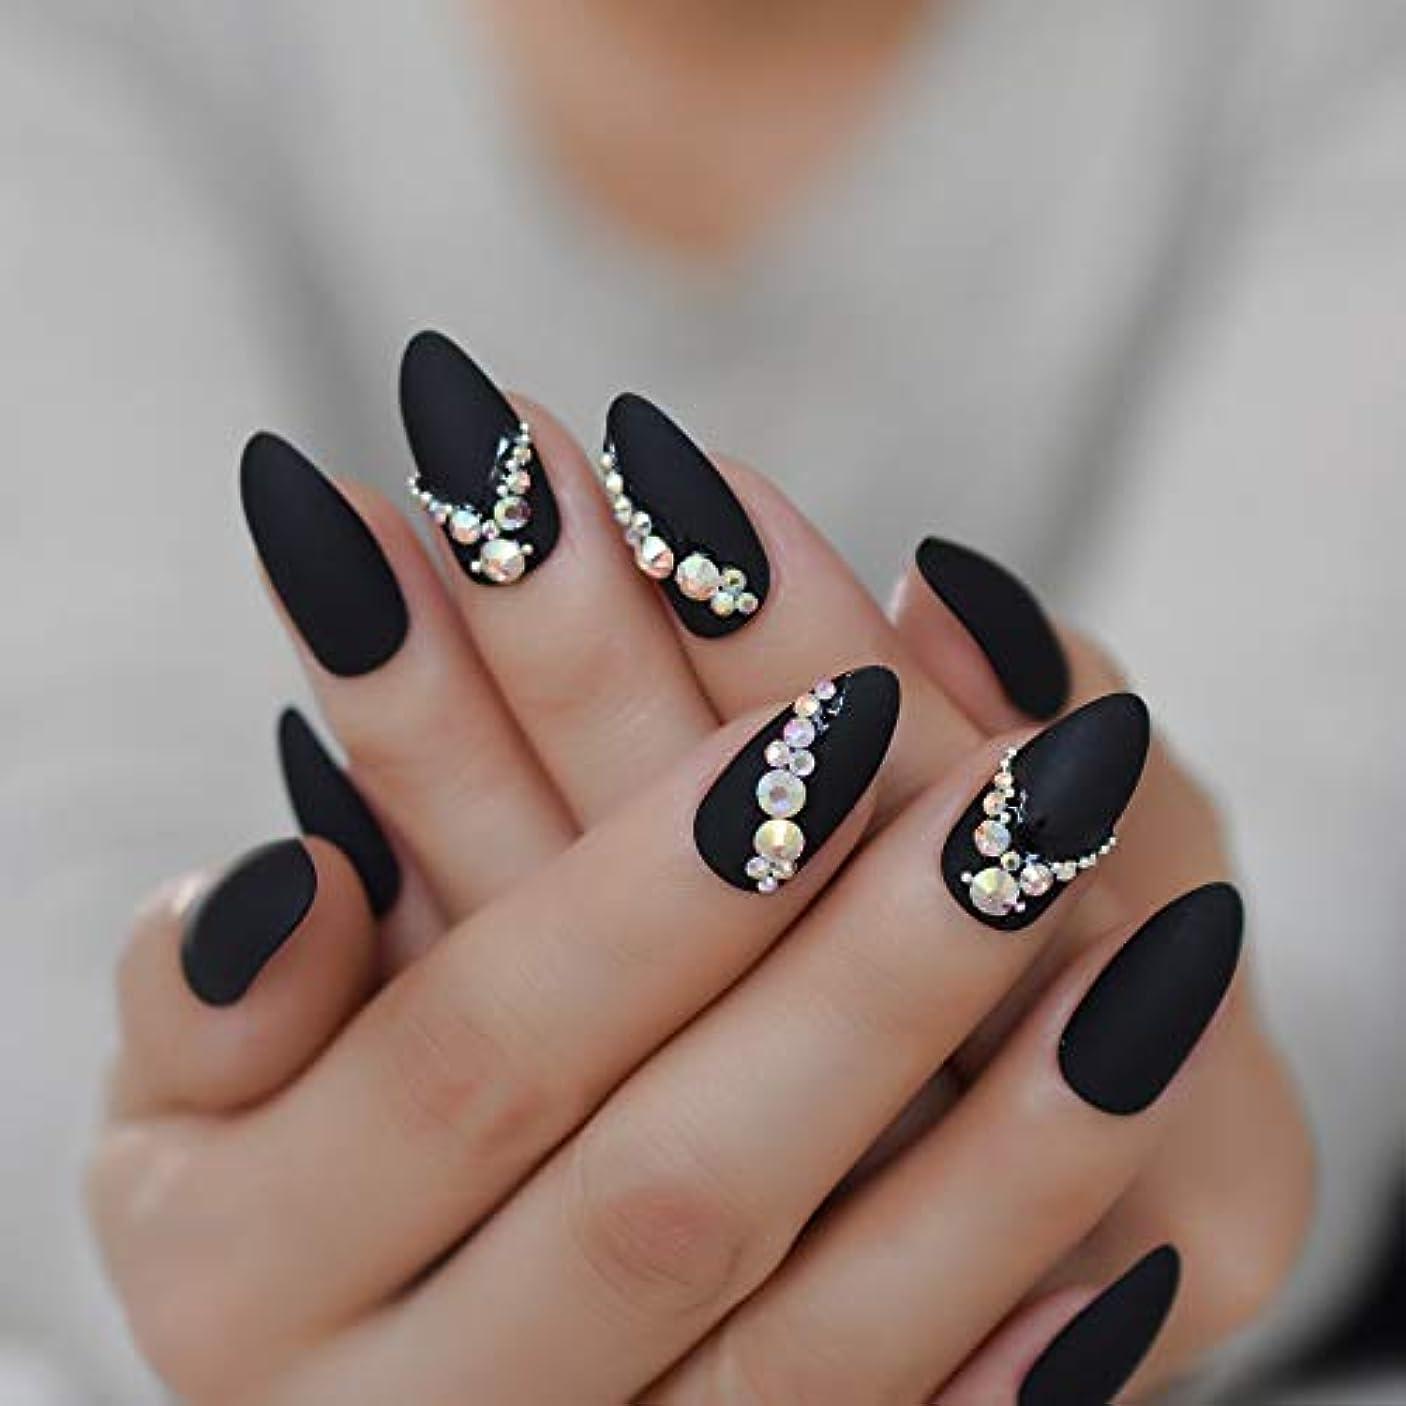 ブレンド昇る理容師XUTXZKA きらめく光沢のあるラインストーンの装飾尖った爪人工偽爪